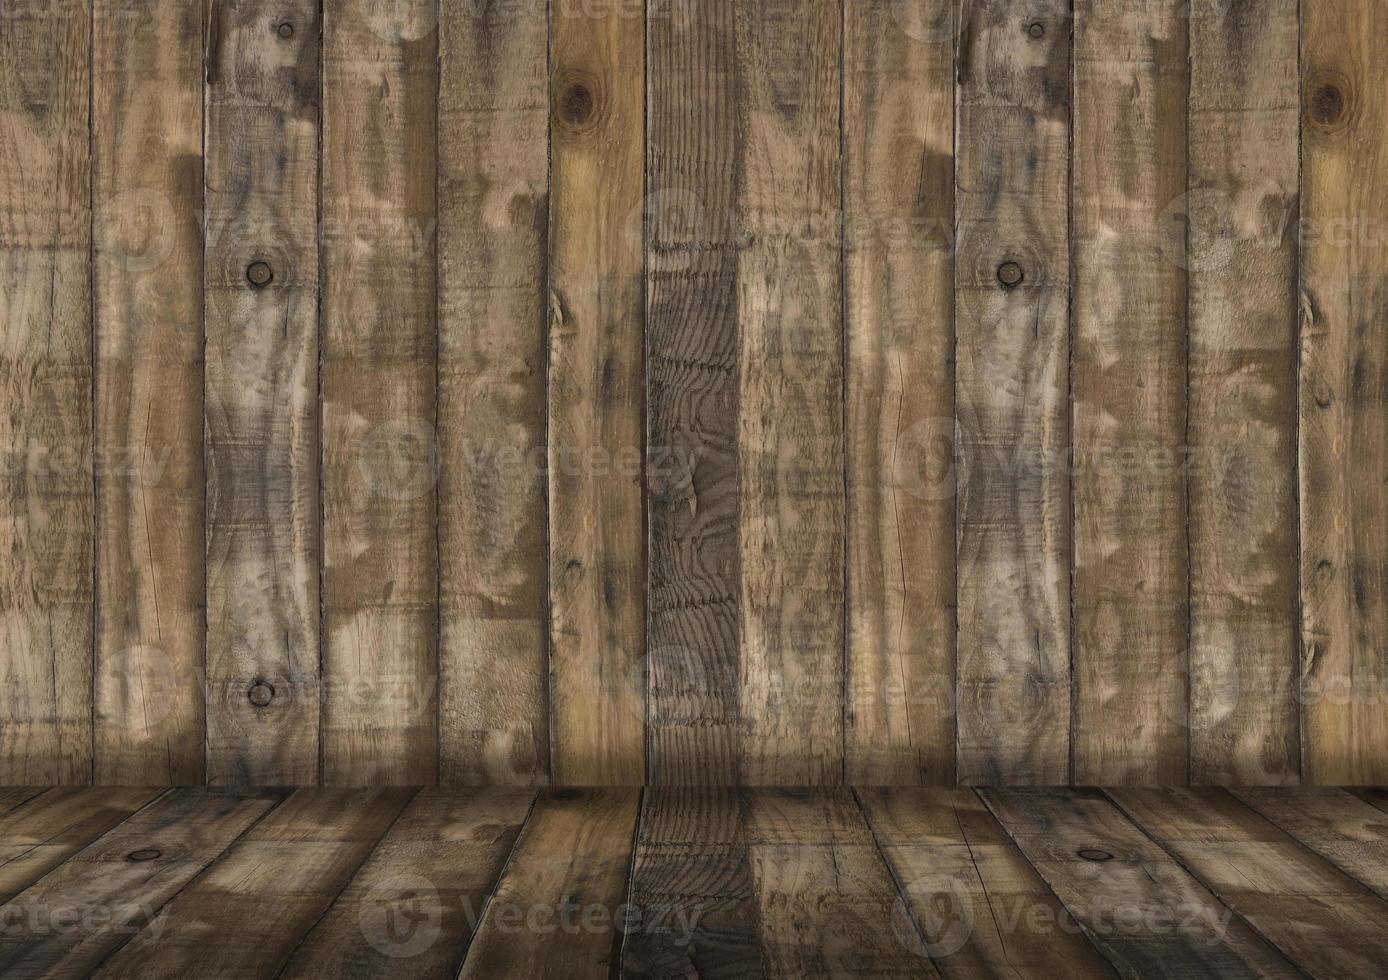 salle en bois vide pour présenter les produits photo